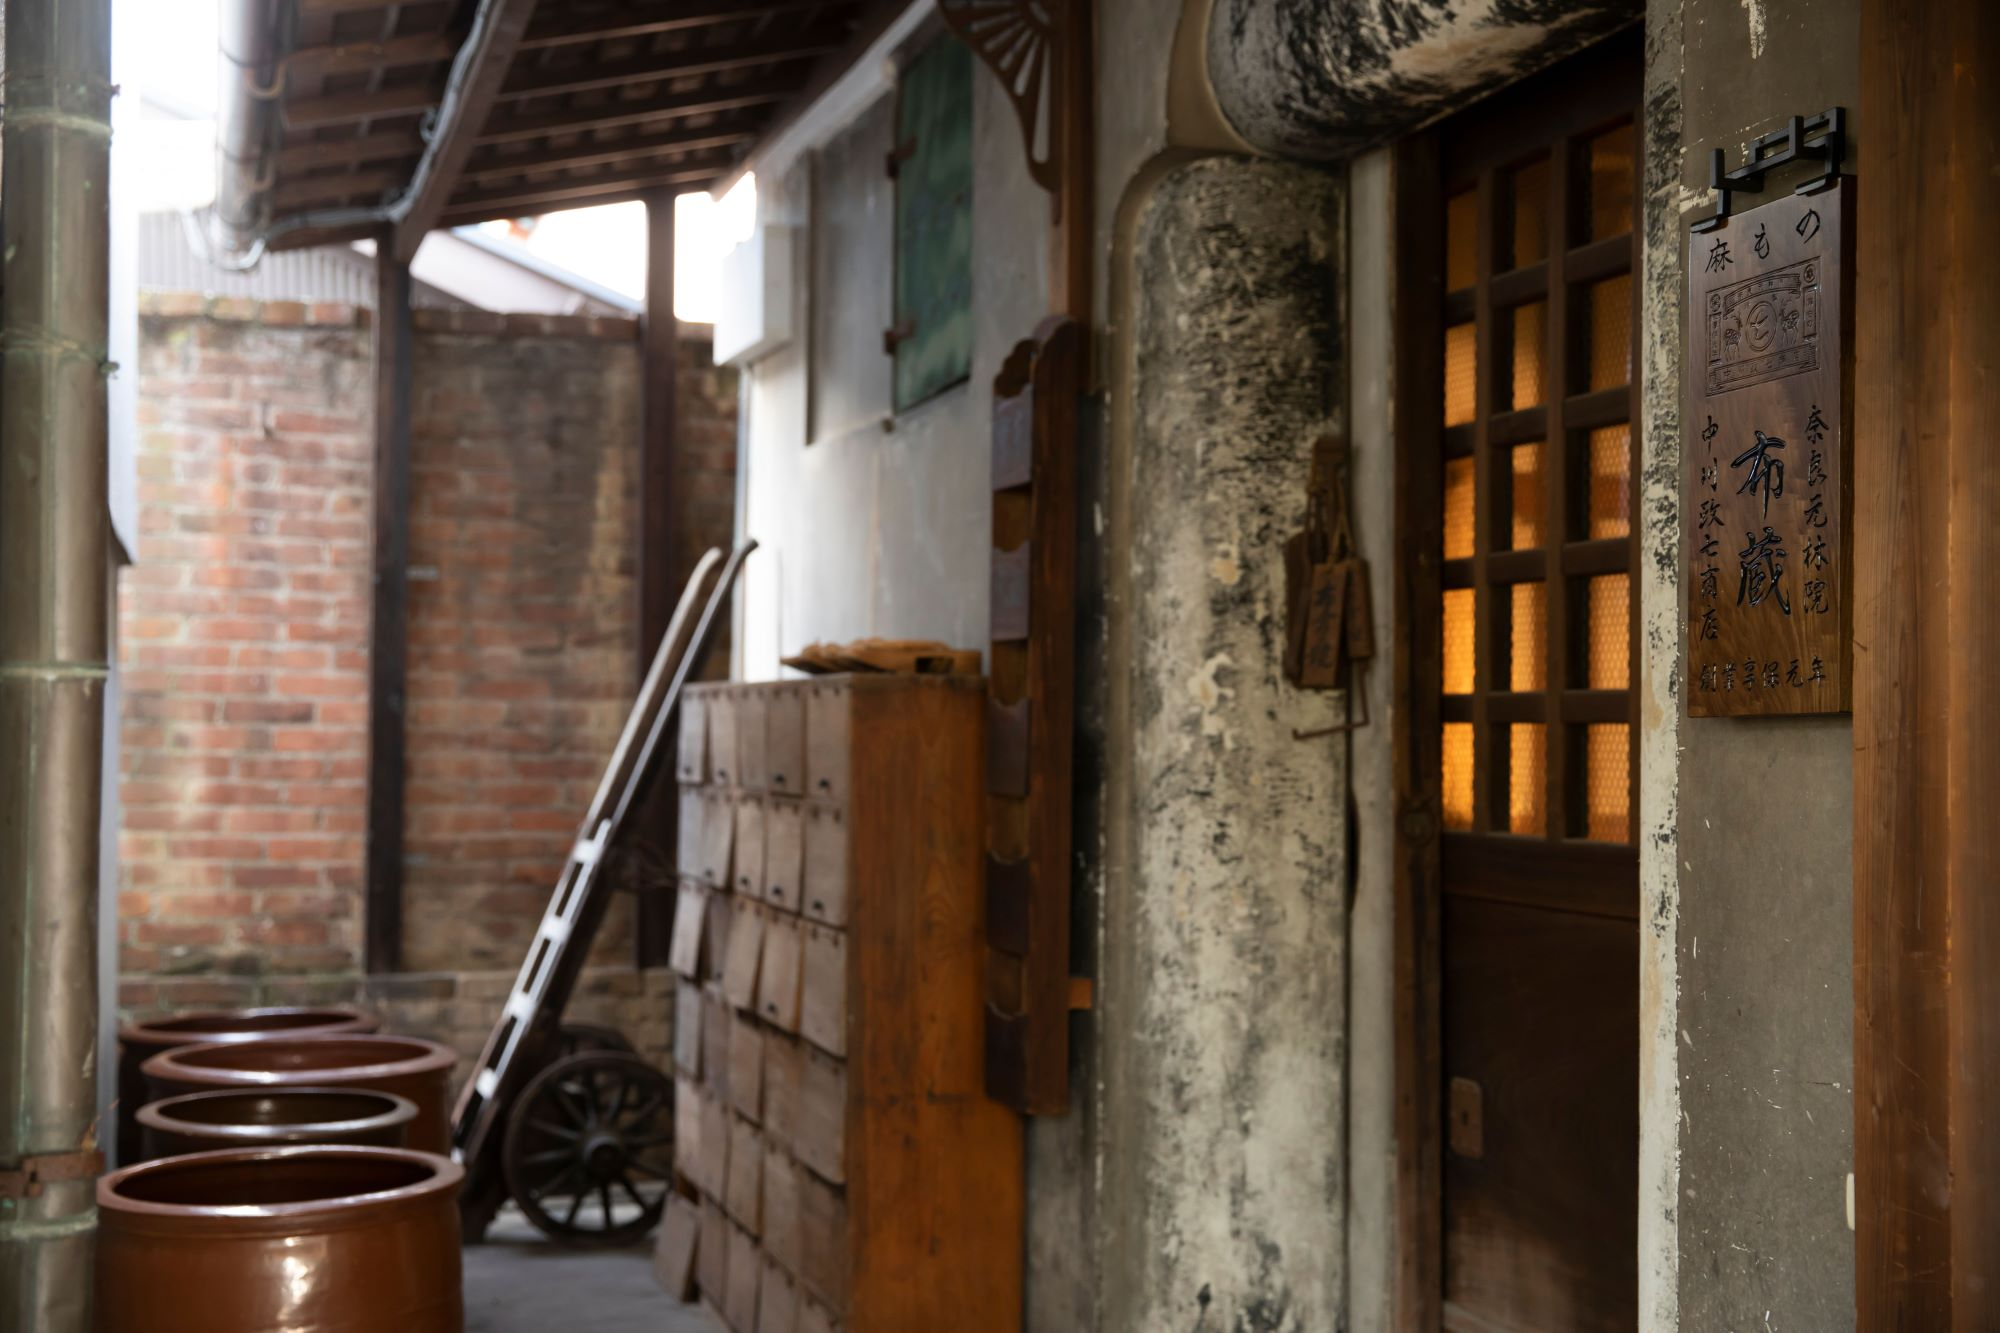 麻に関わる道具や布が保管されている「布蔵」。機織り機などの道具を使って「手績み手織り麻」のものづくり体験もできる。